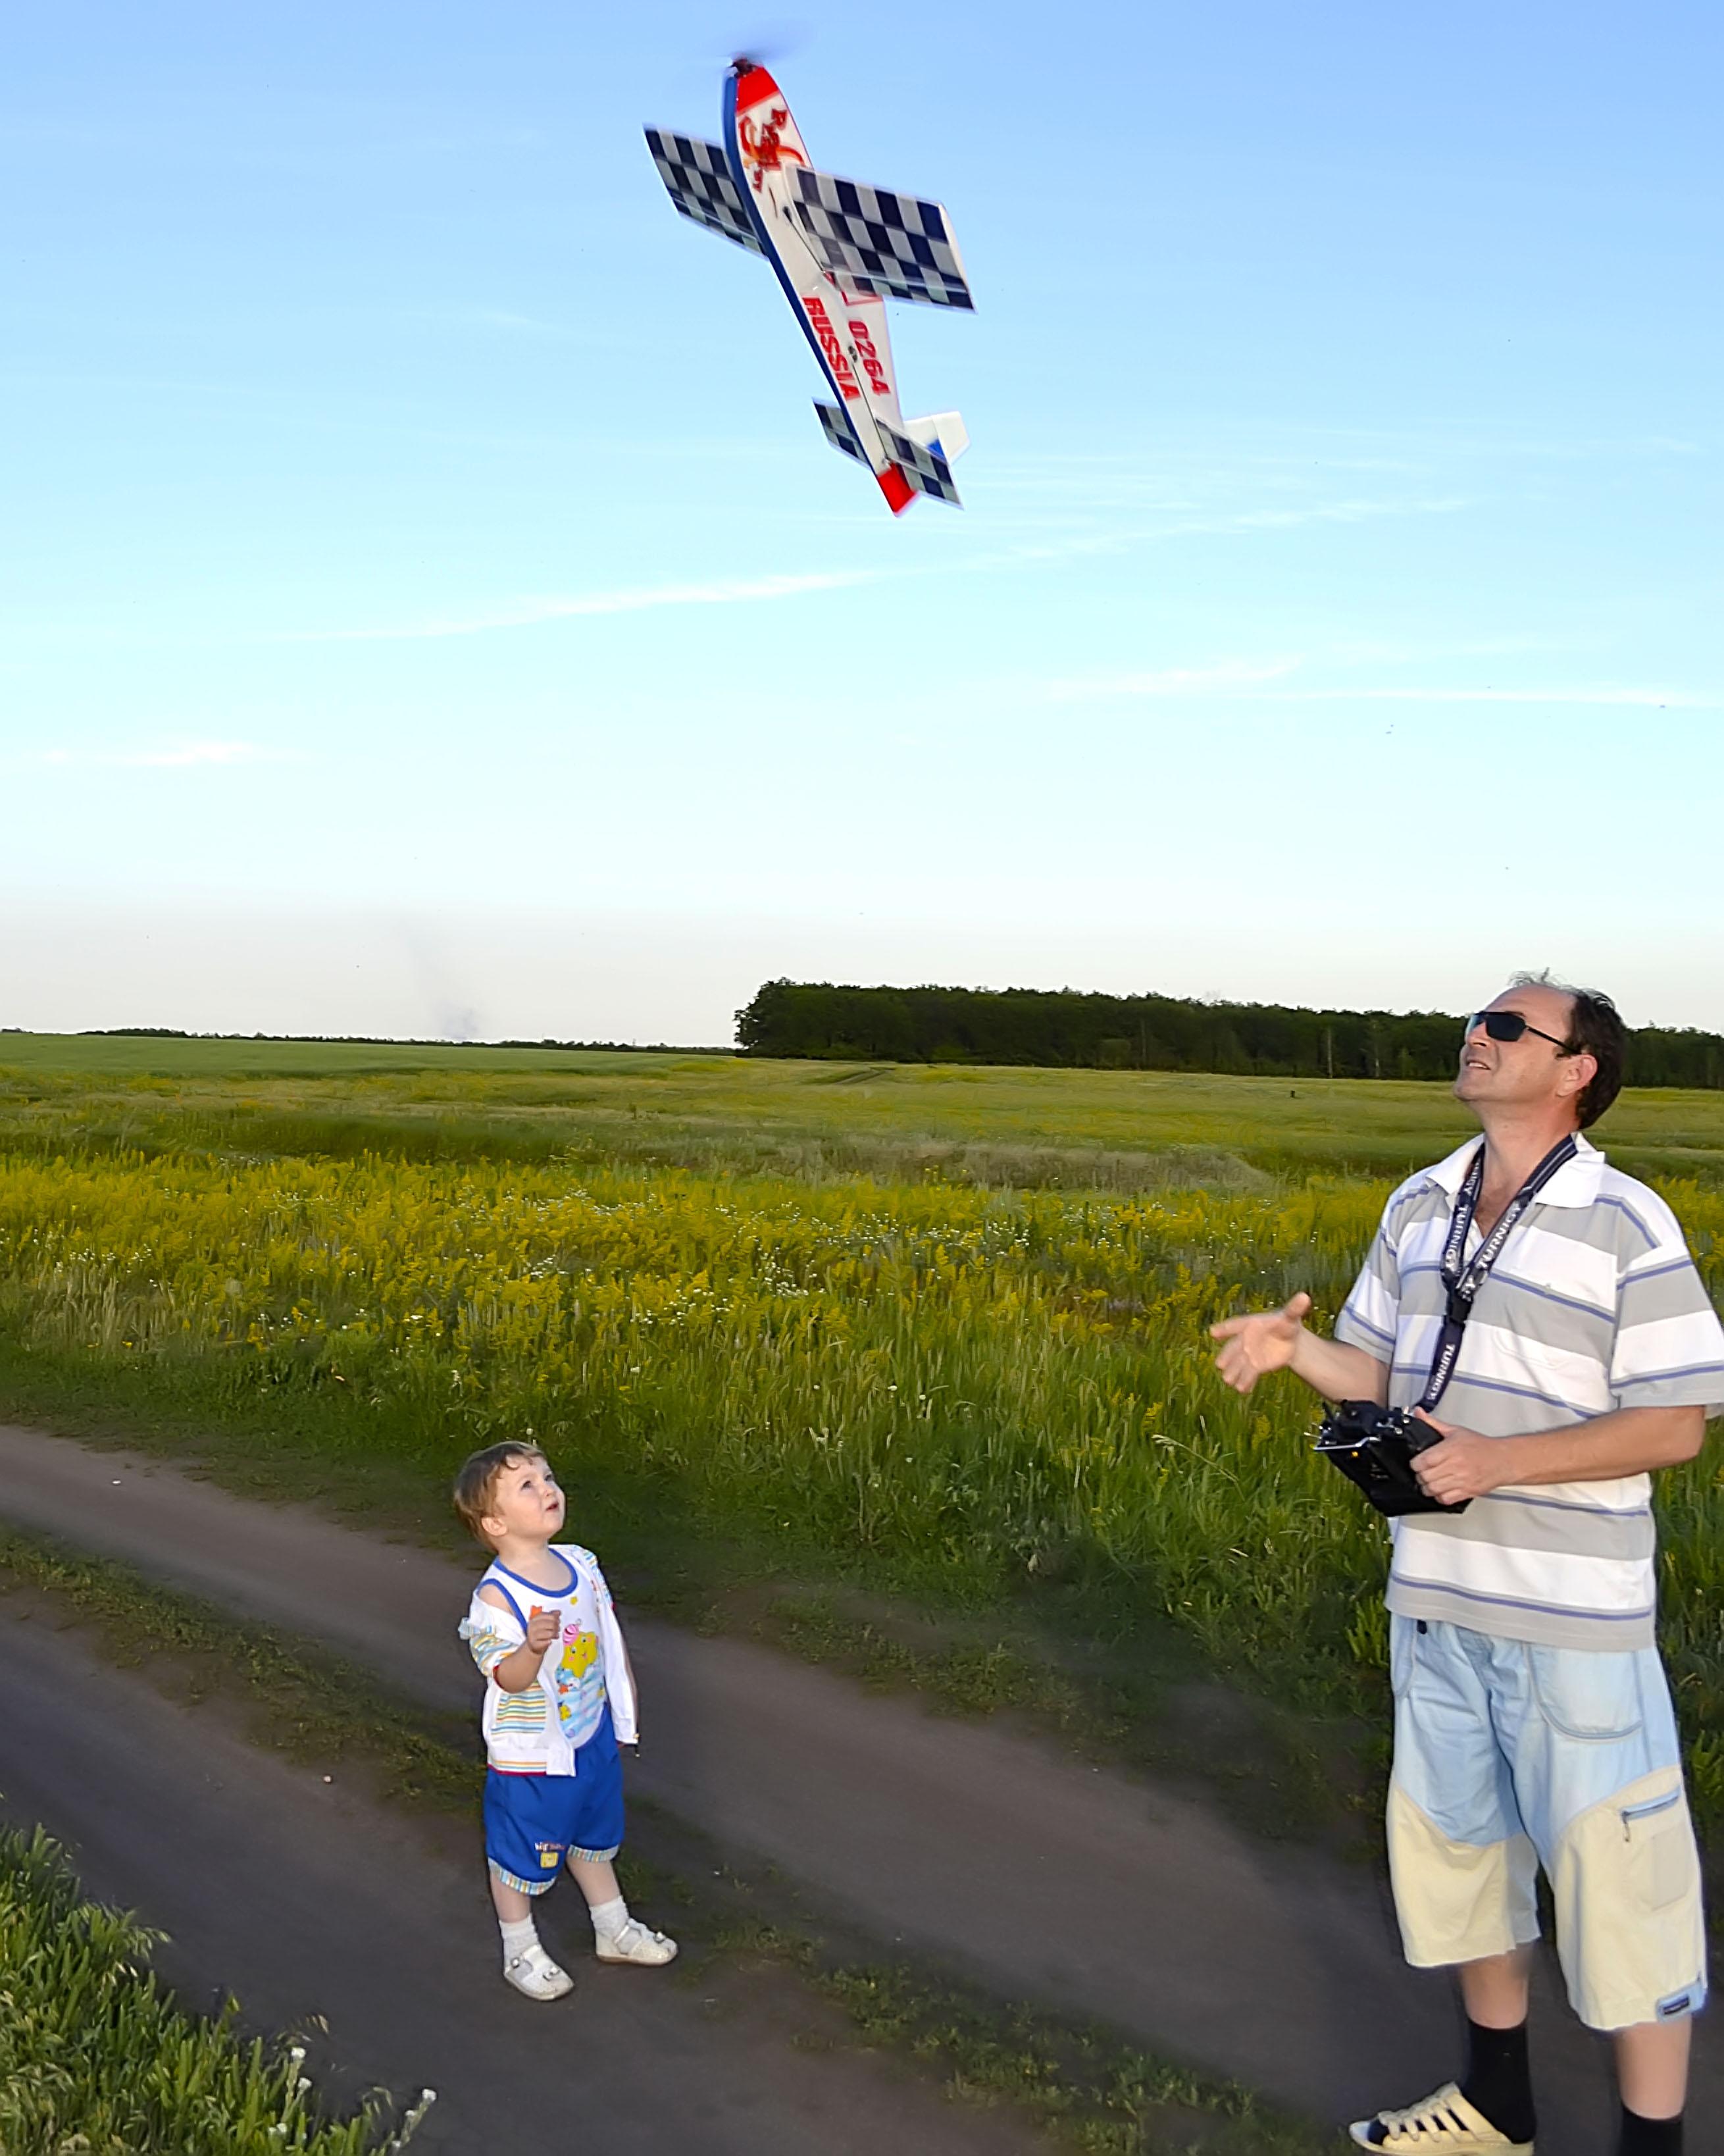 С папой вместе мы играем, самолетик запускаем!. Играем вместе!